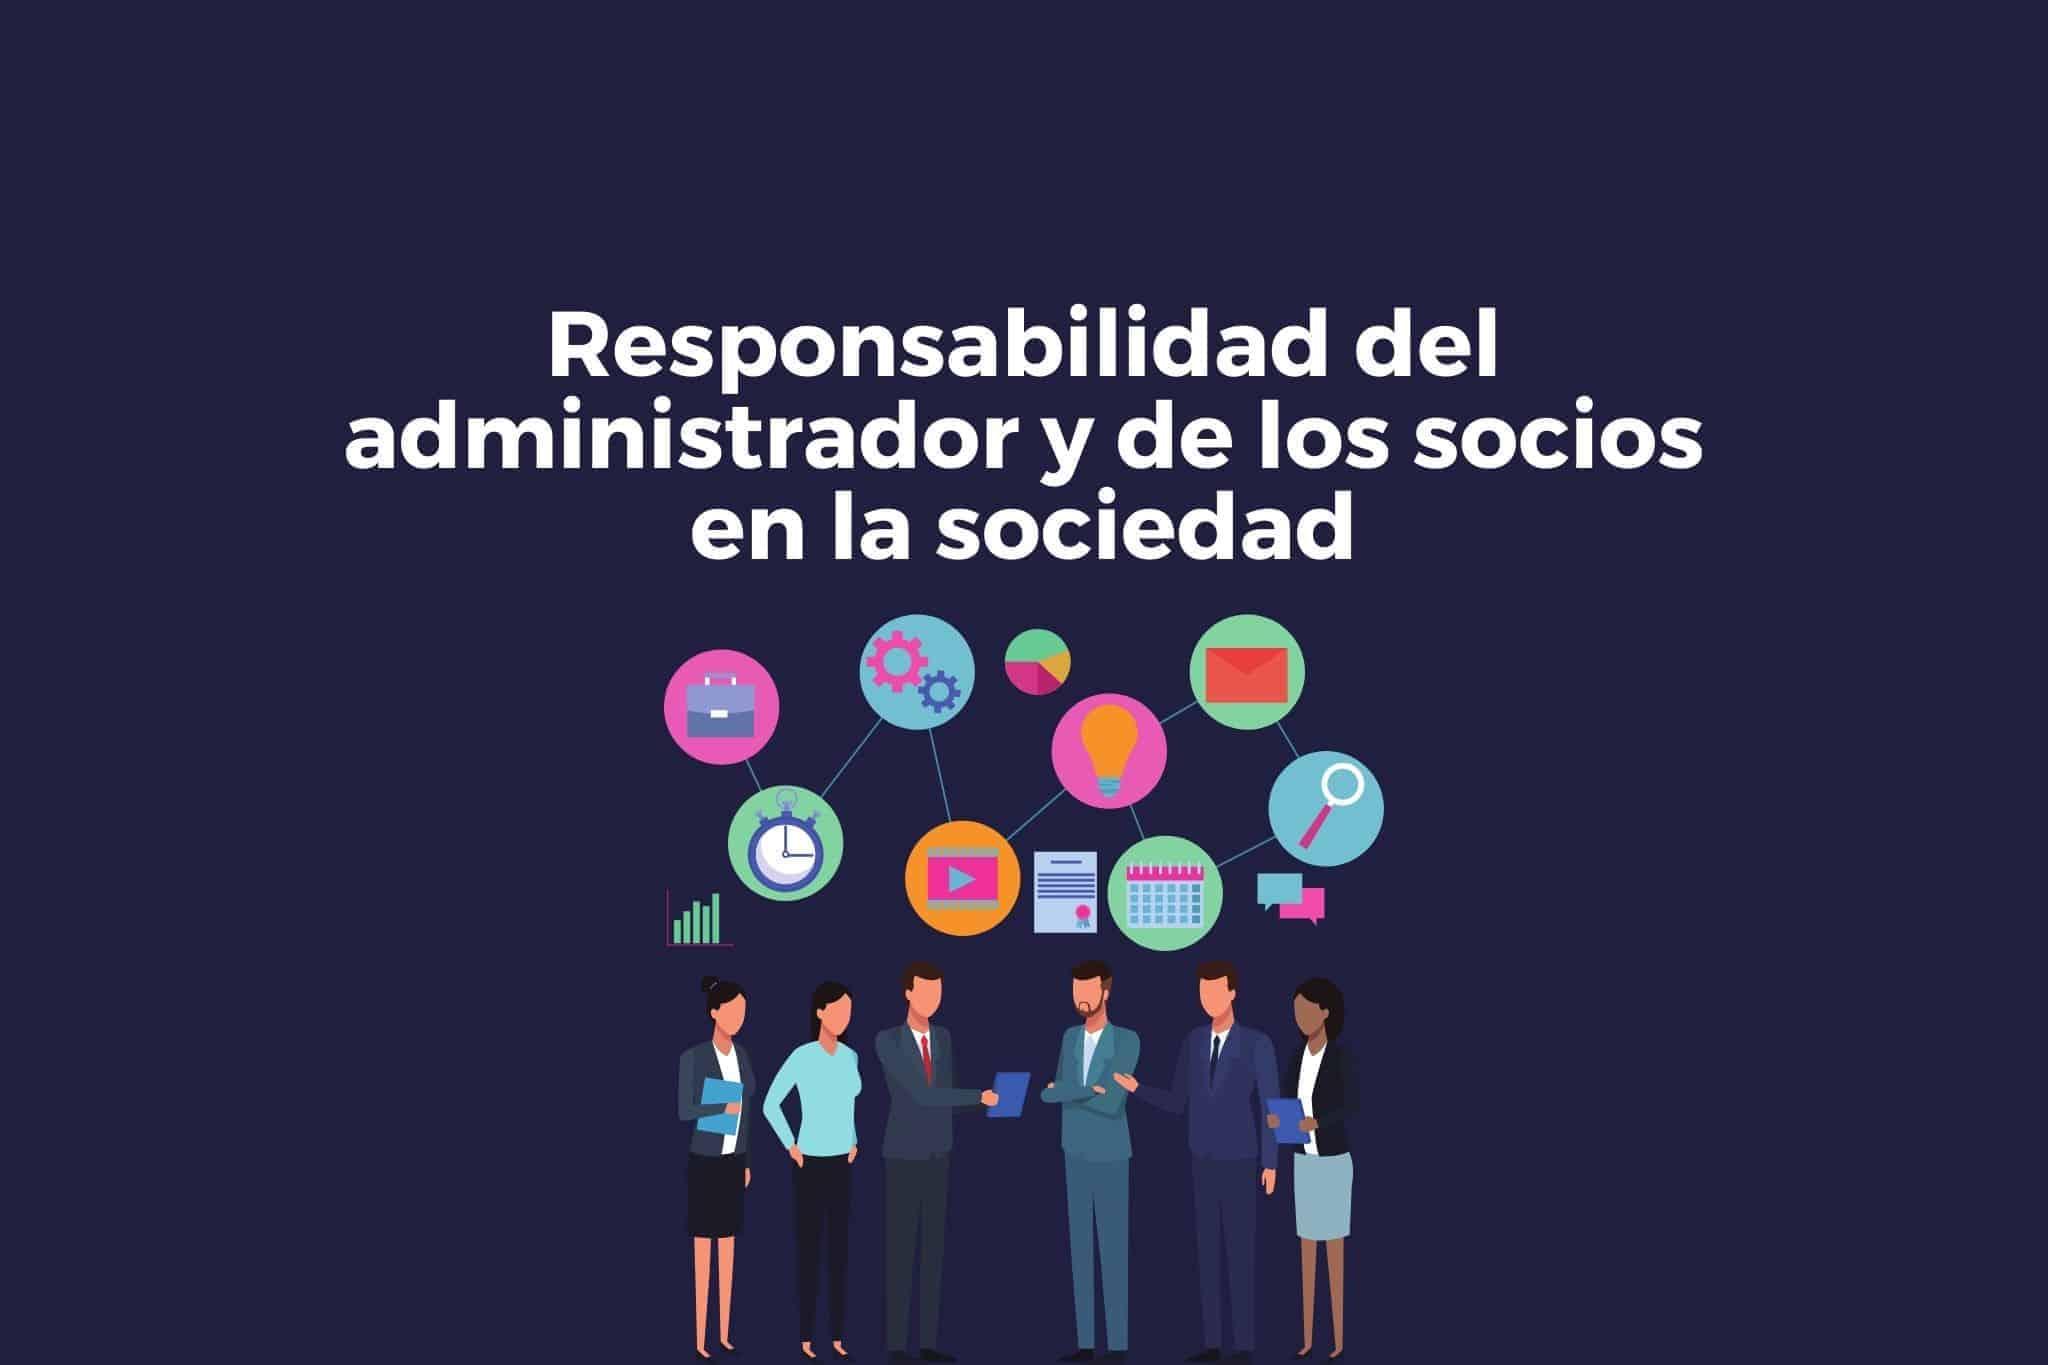 Responsabilidad del socio y el administrador en la sociedad